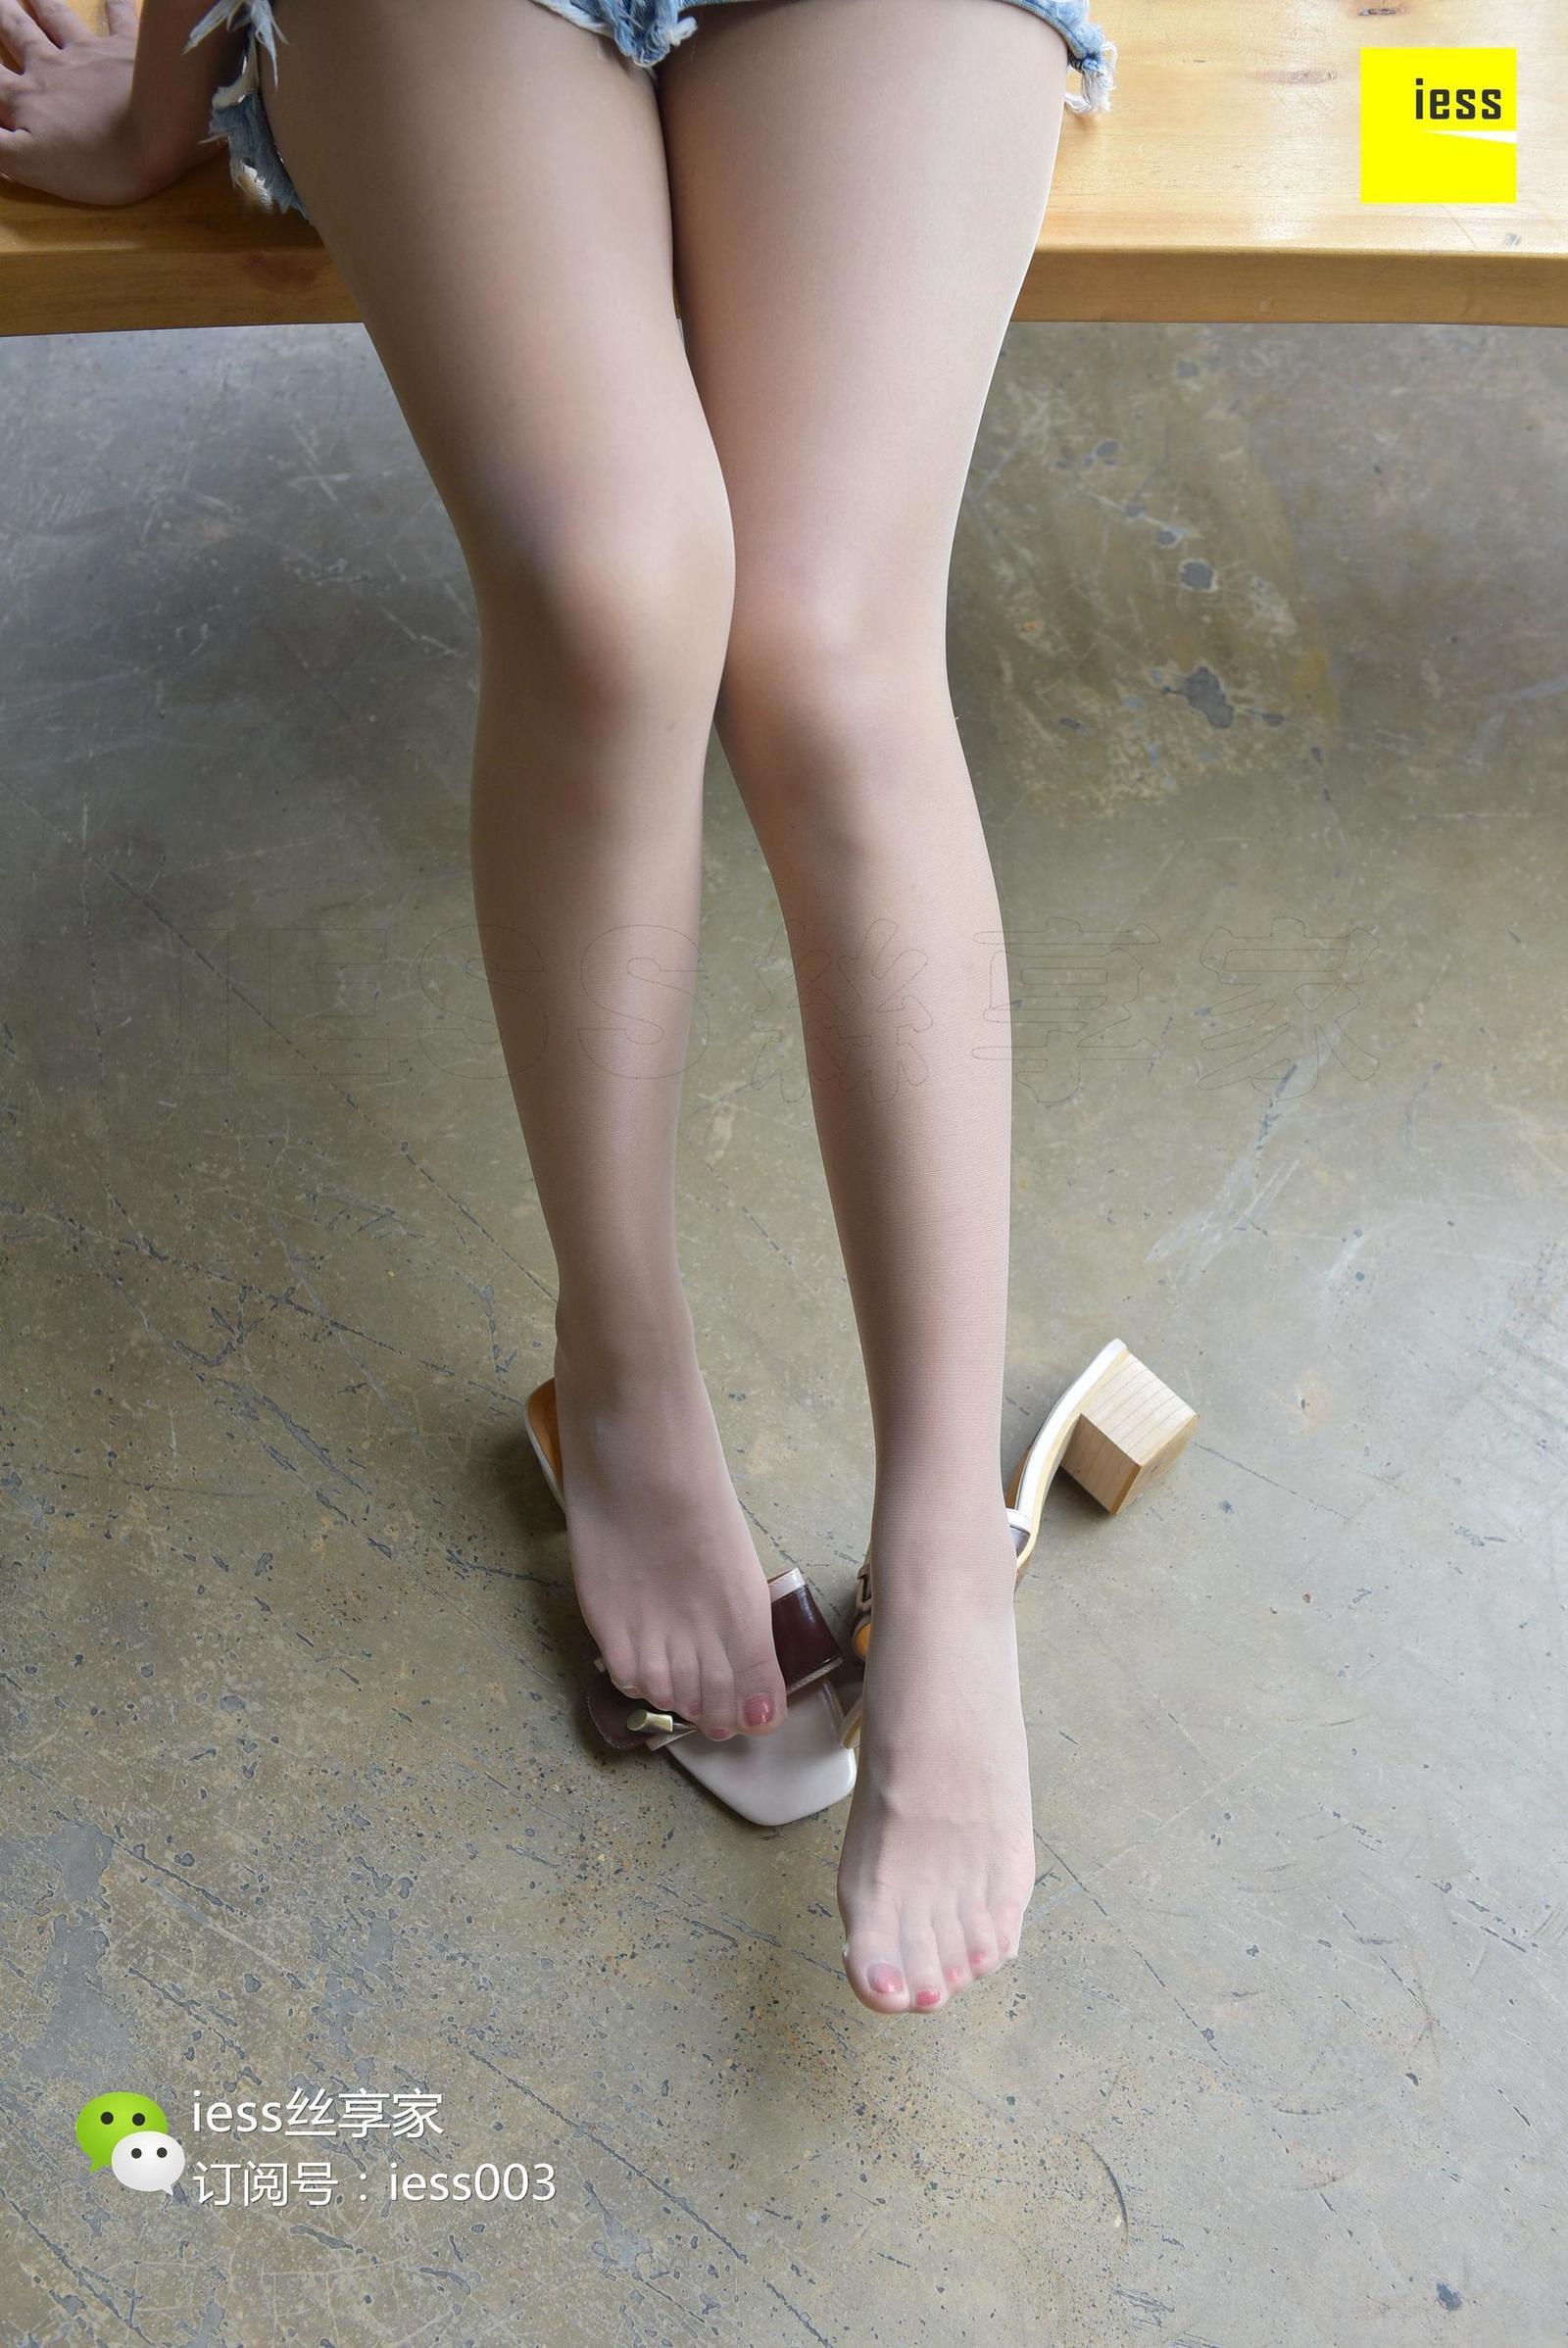 小雪 《破洞短裙与肉丝凉拖》